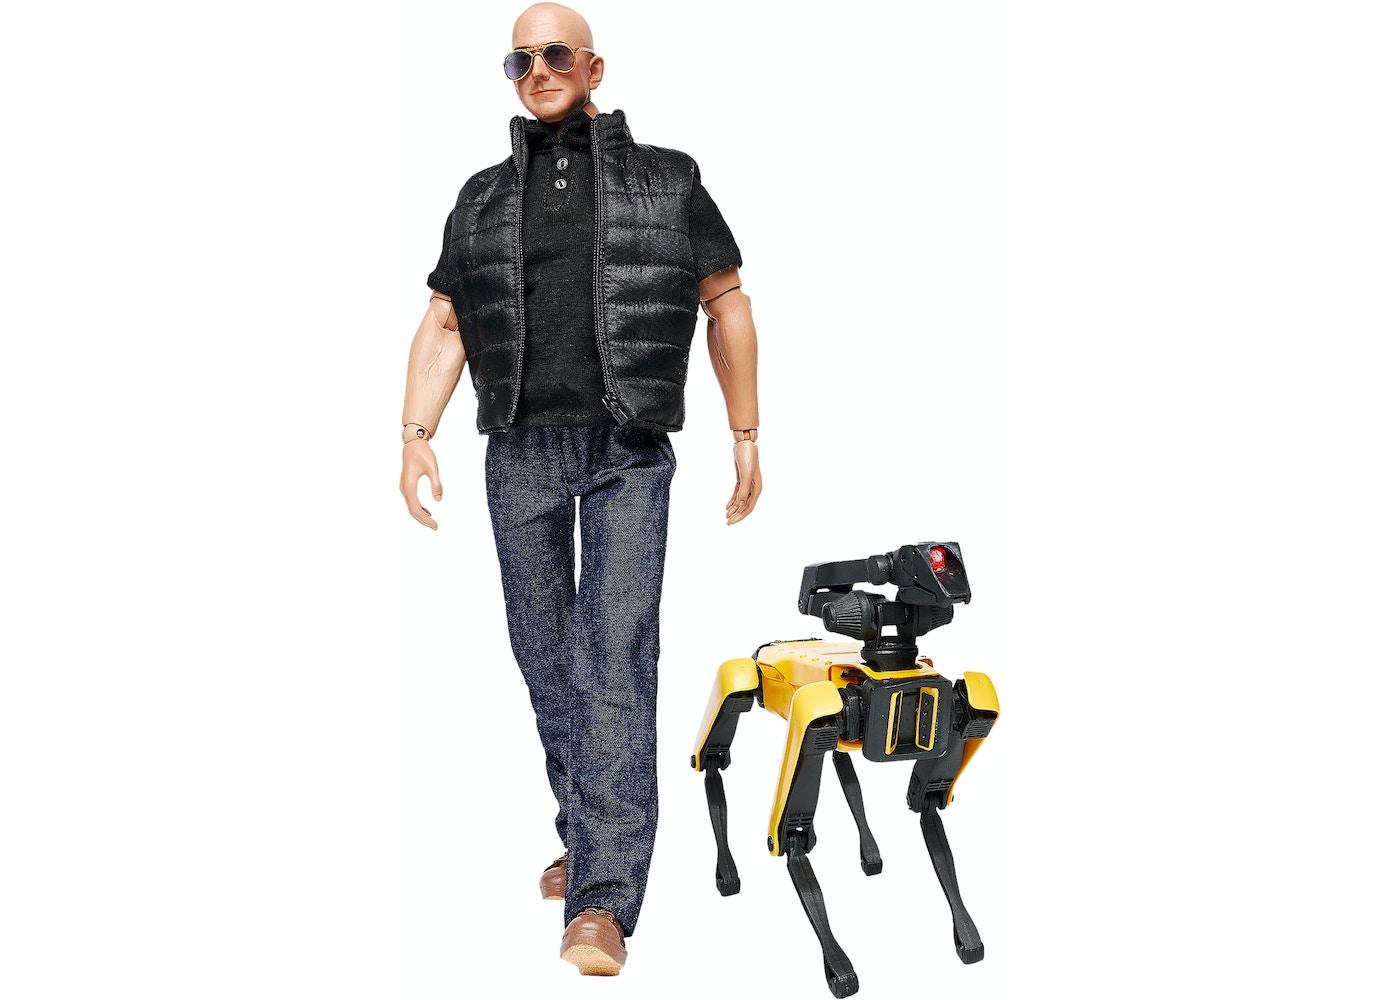 100 Billion Dollar Man Jeff Bezos Figure -